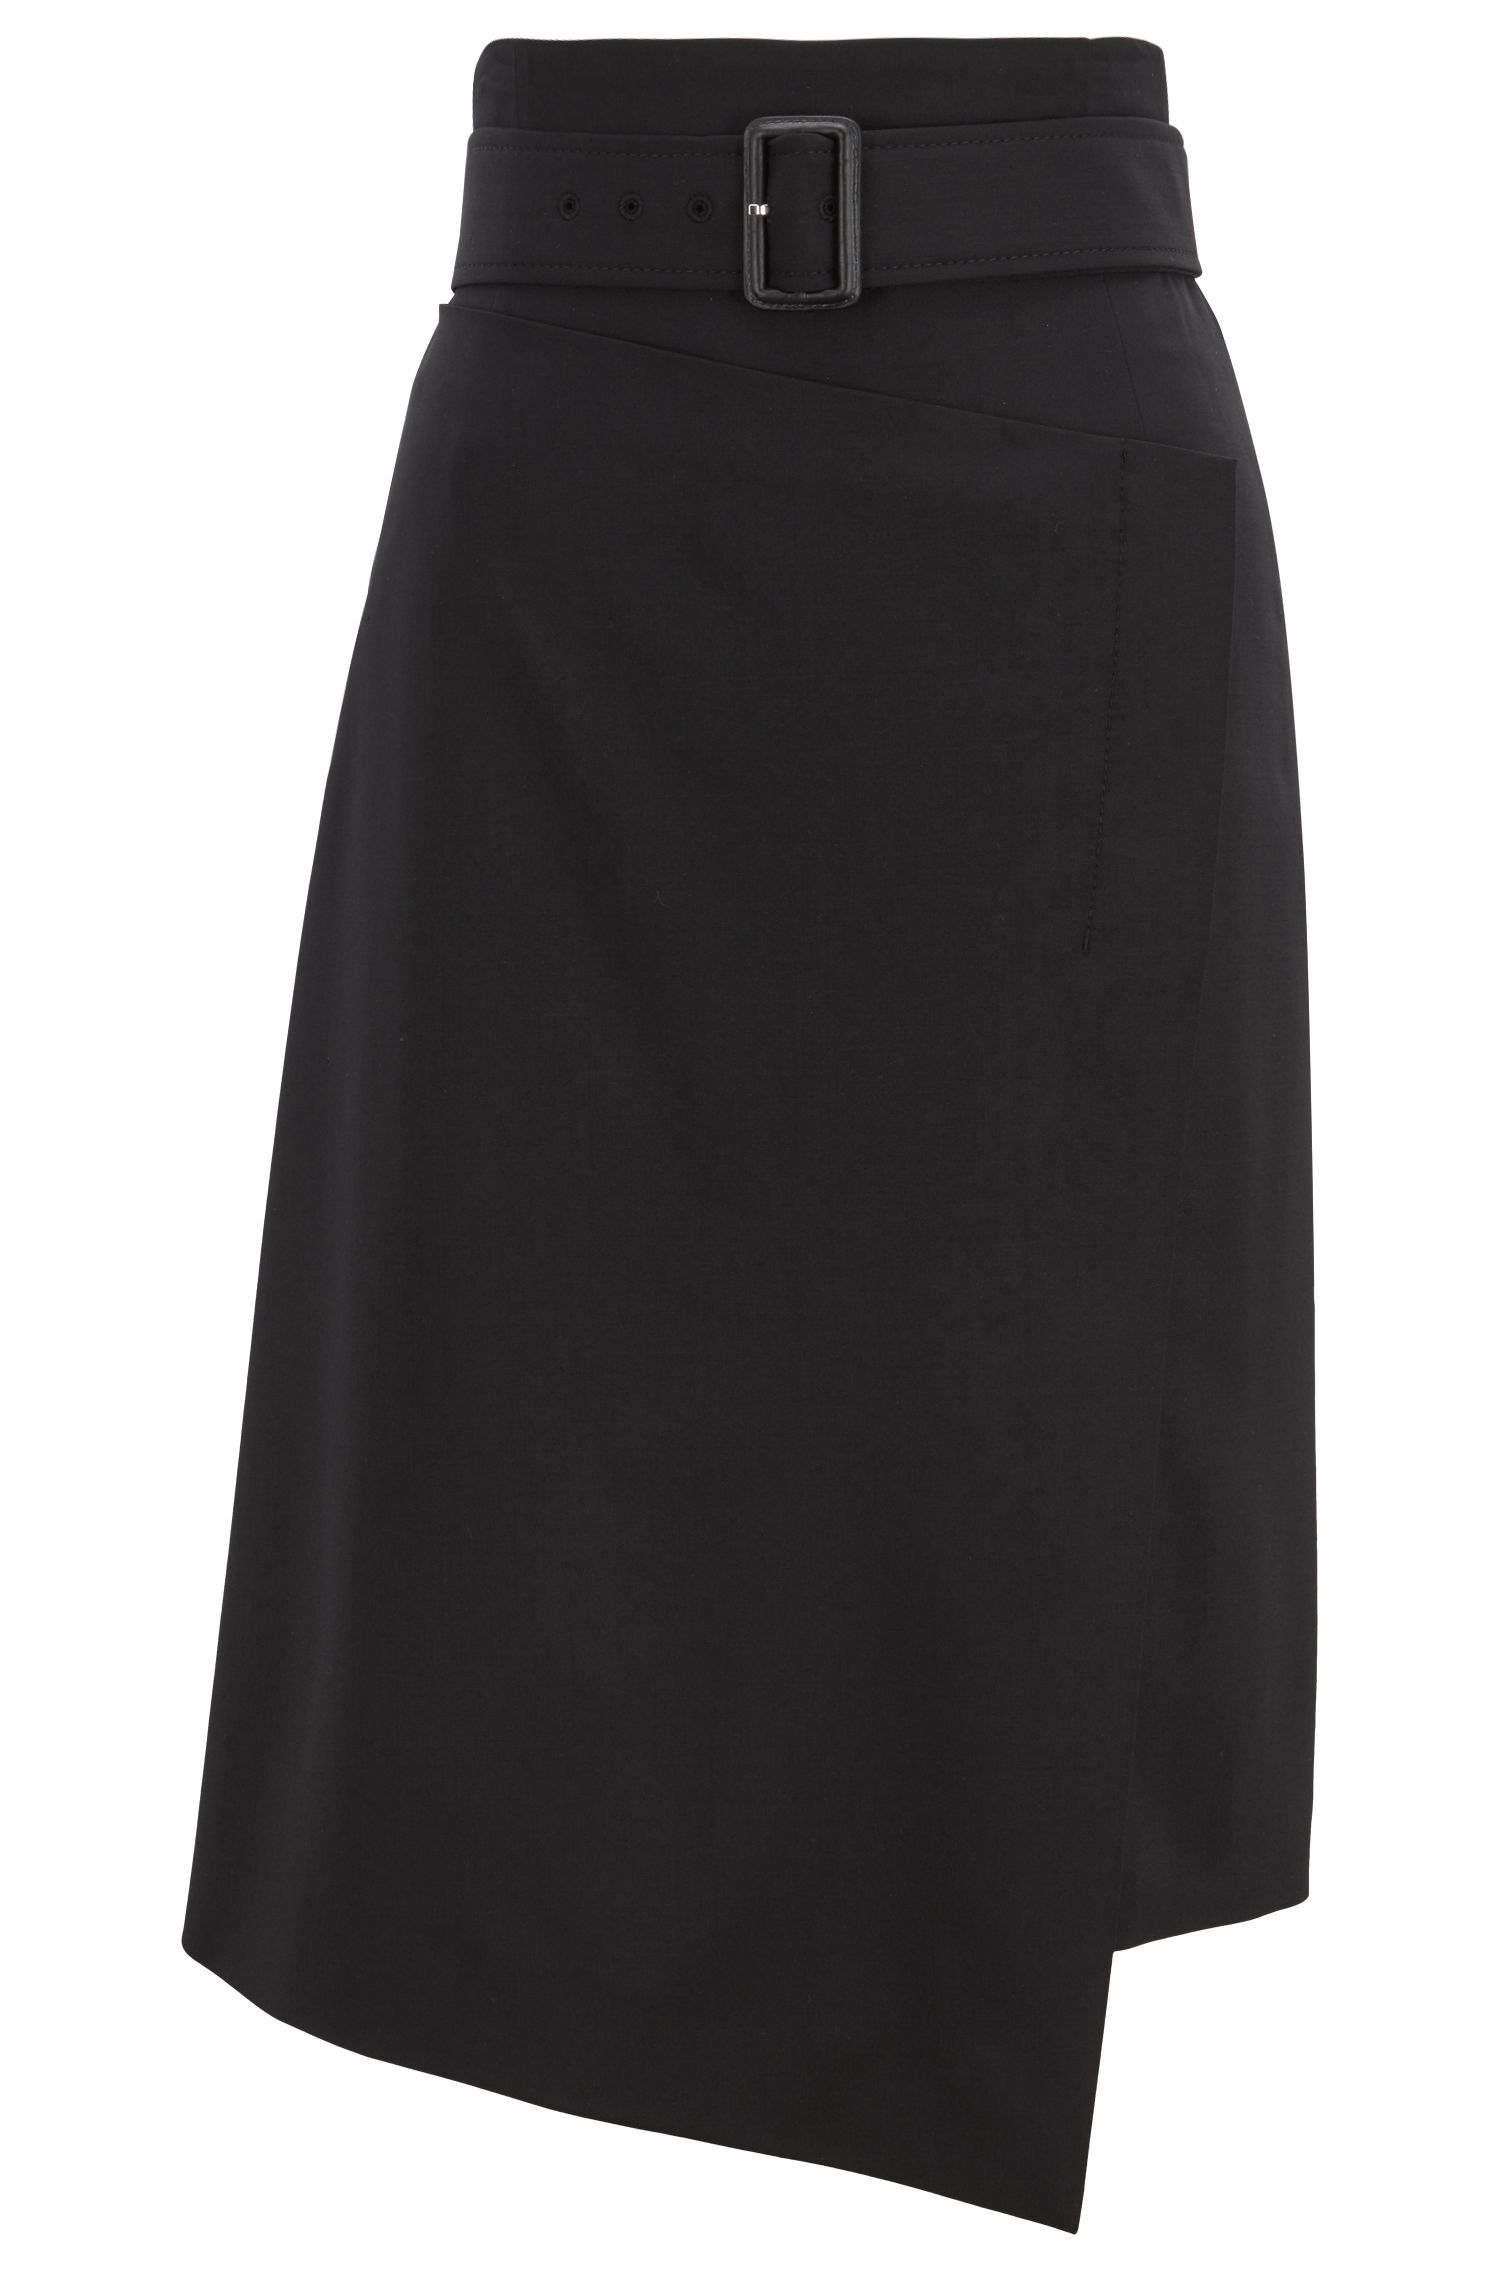 Asymmetrischer Wickelrock mit hohem Bund und Gürtel mit Schließe, Schwarz